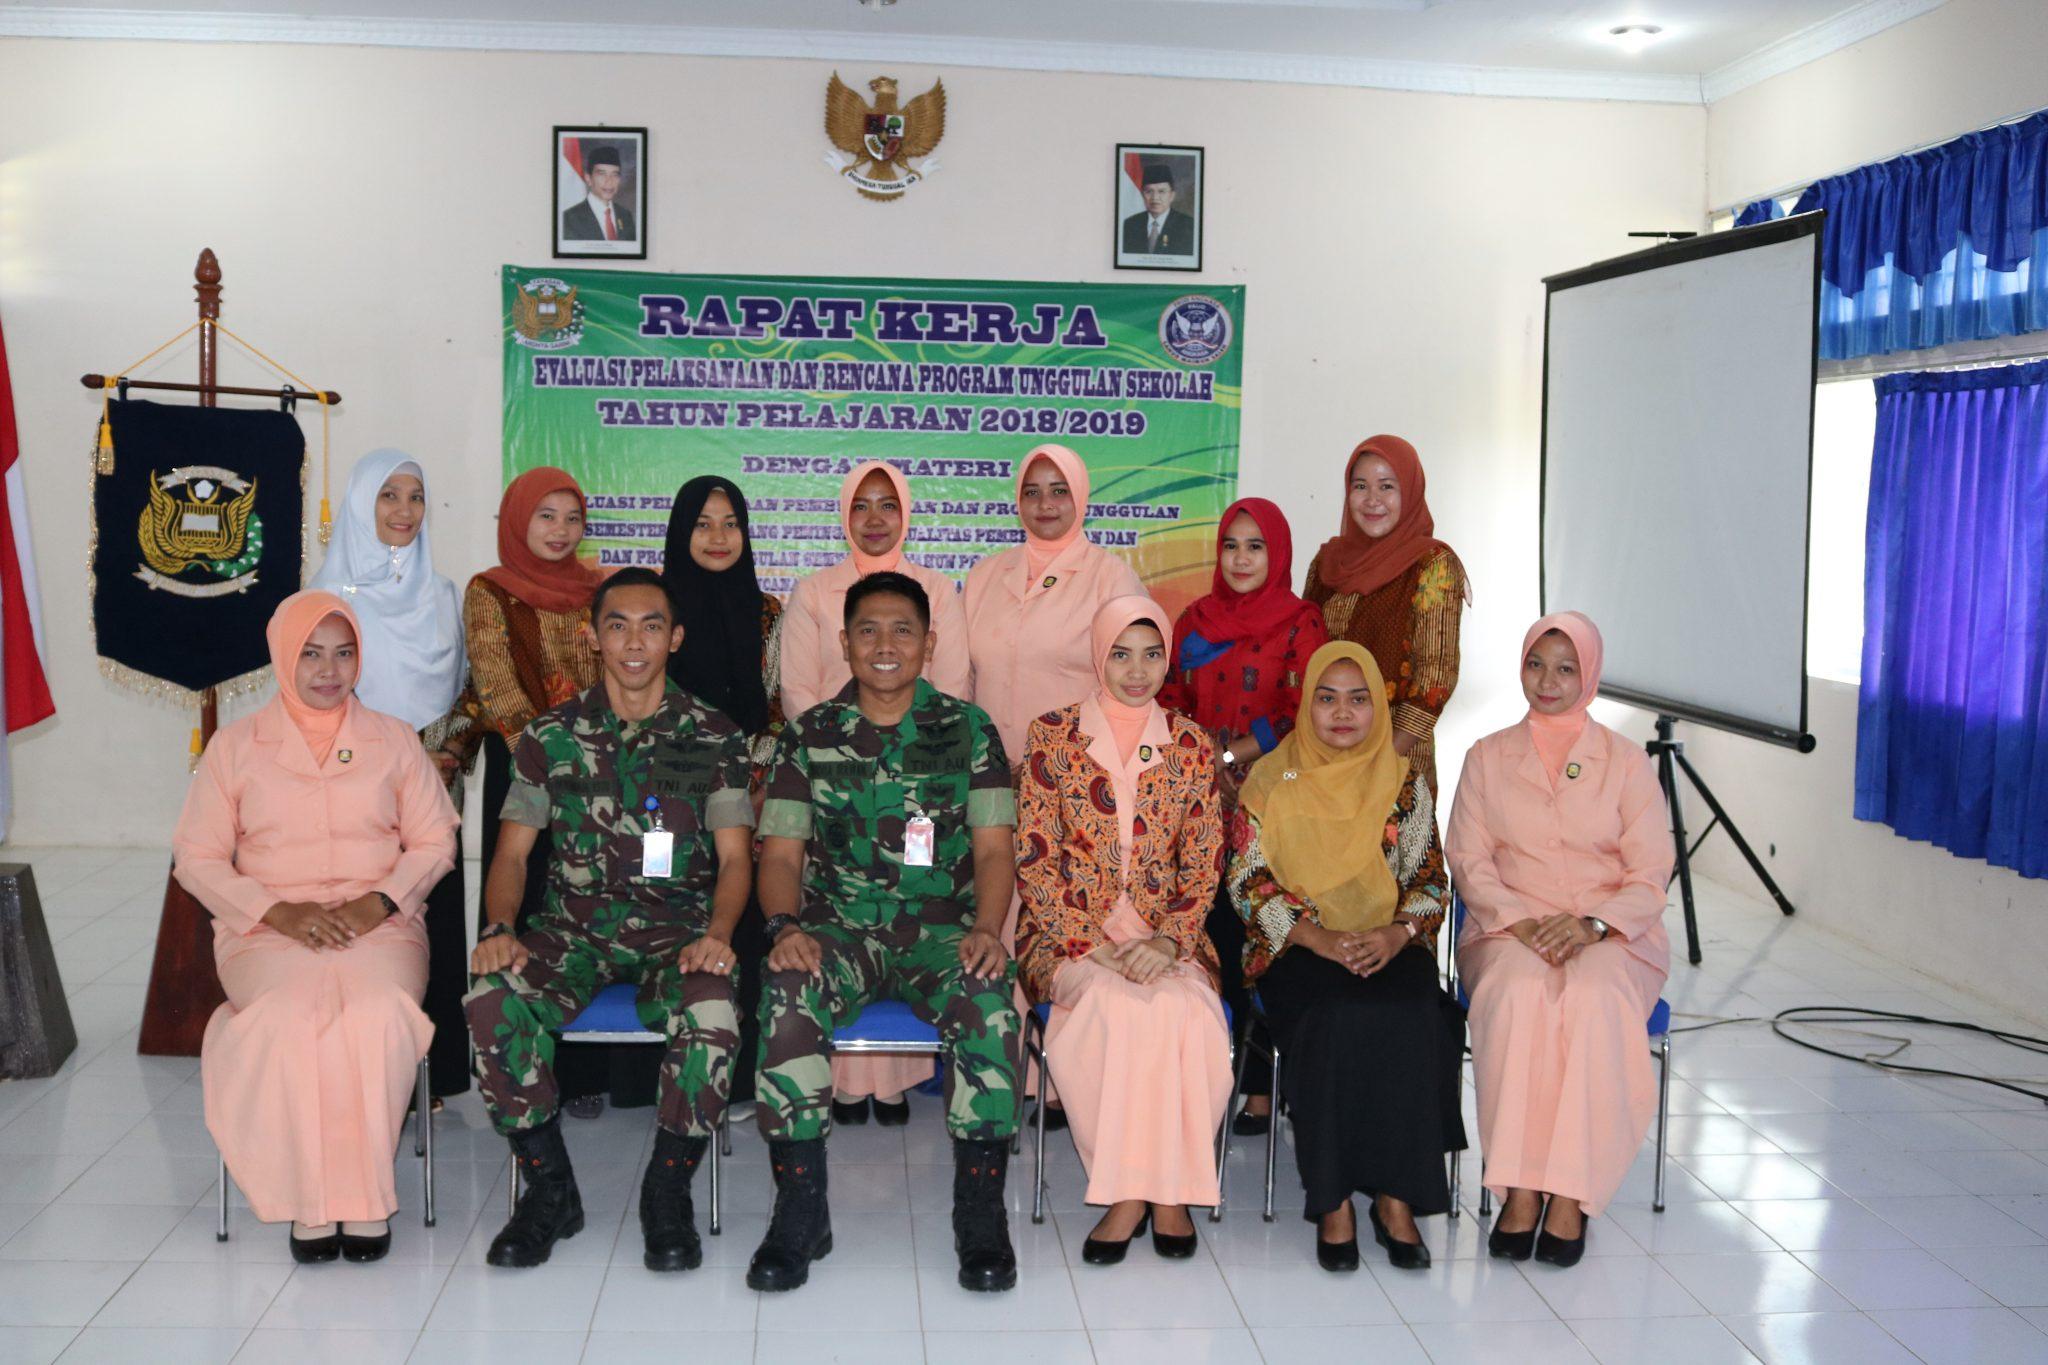 Rapat Kerja Dan Evaluasi Pelaksanaan Dan Rencana Program Sekolah Angkasa Lanud Maimun Saleh.